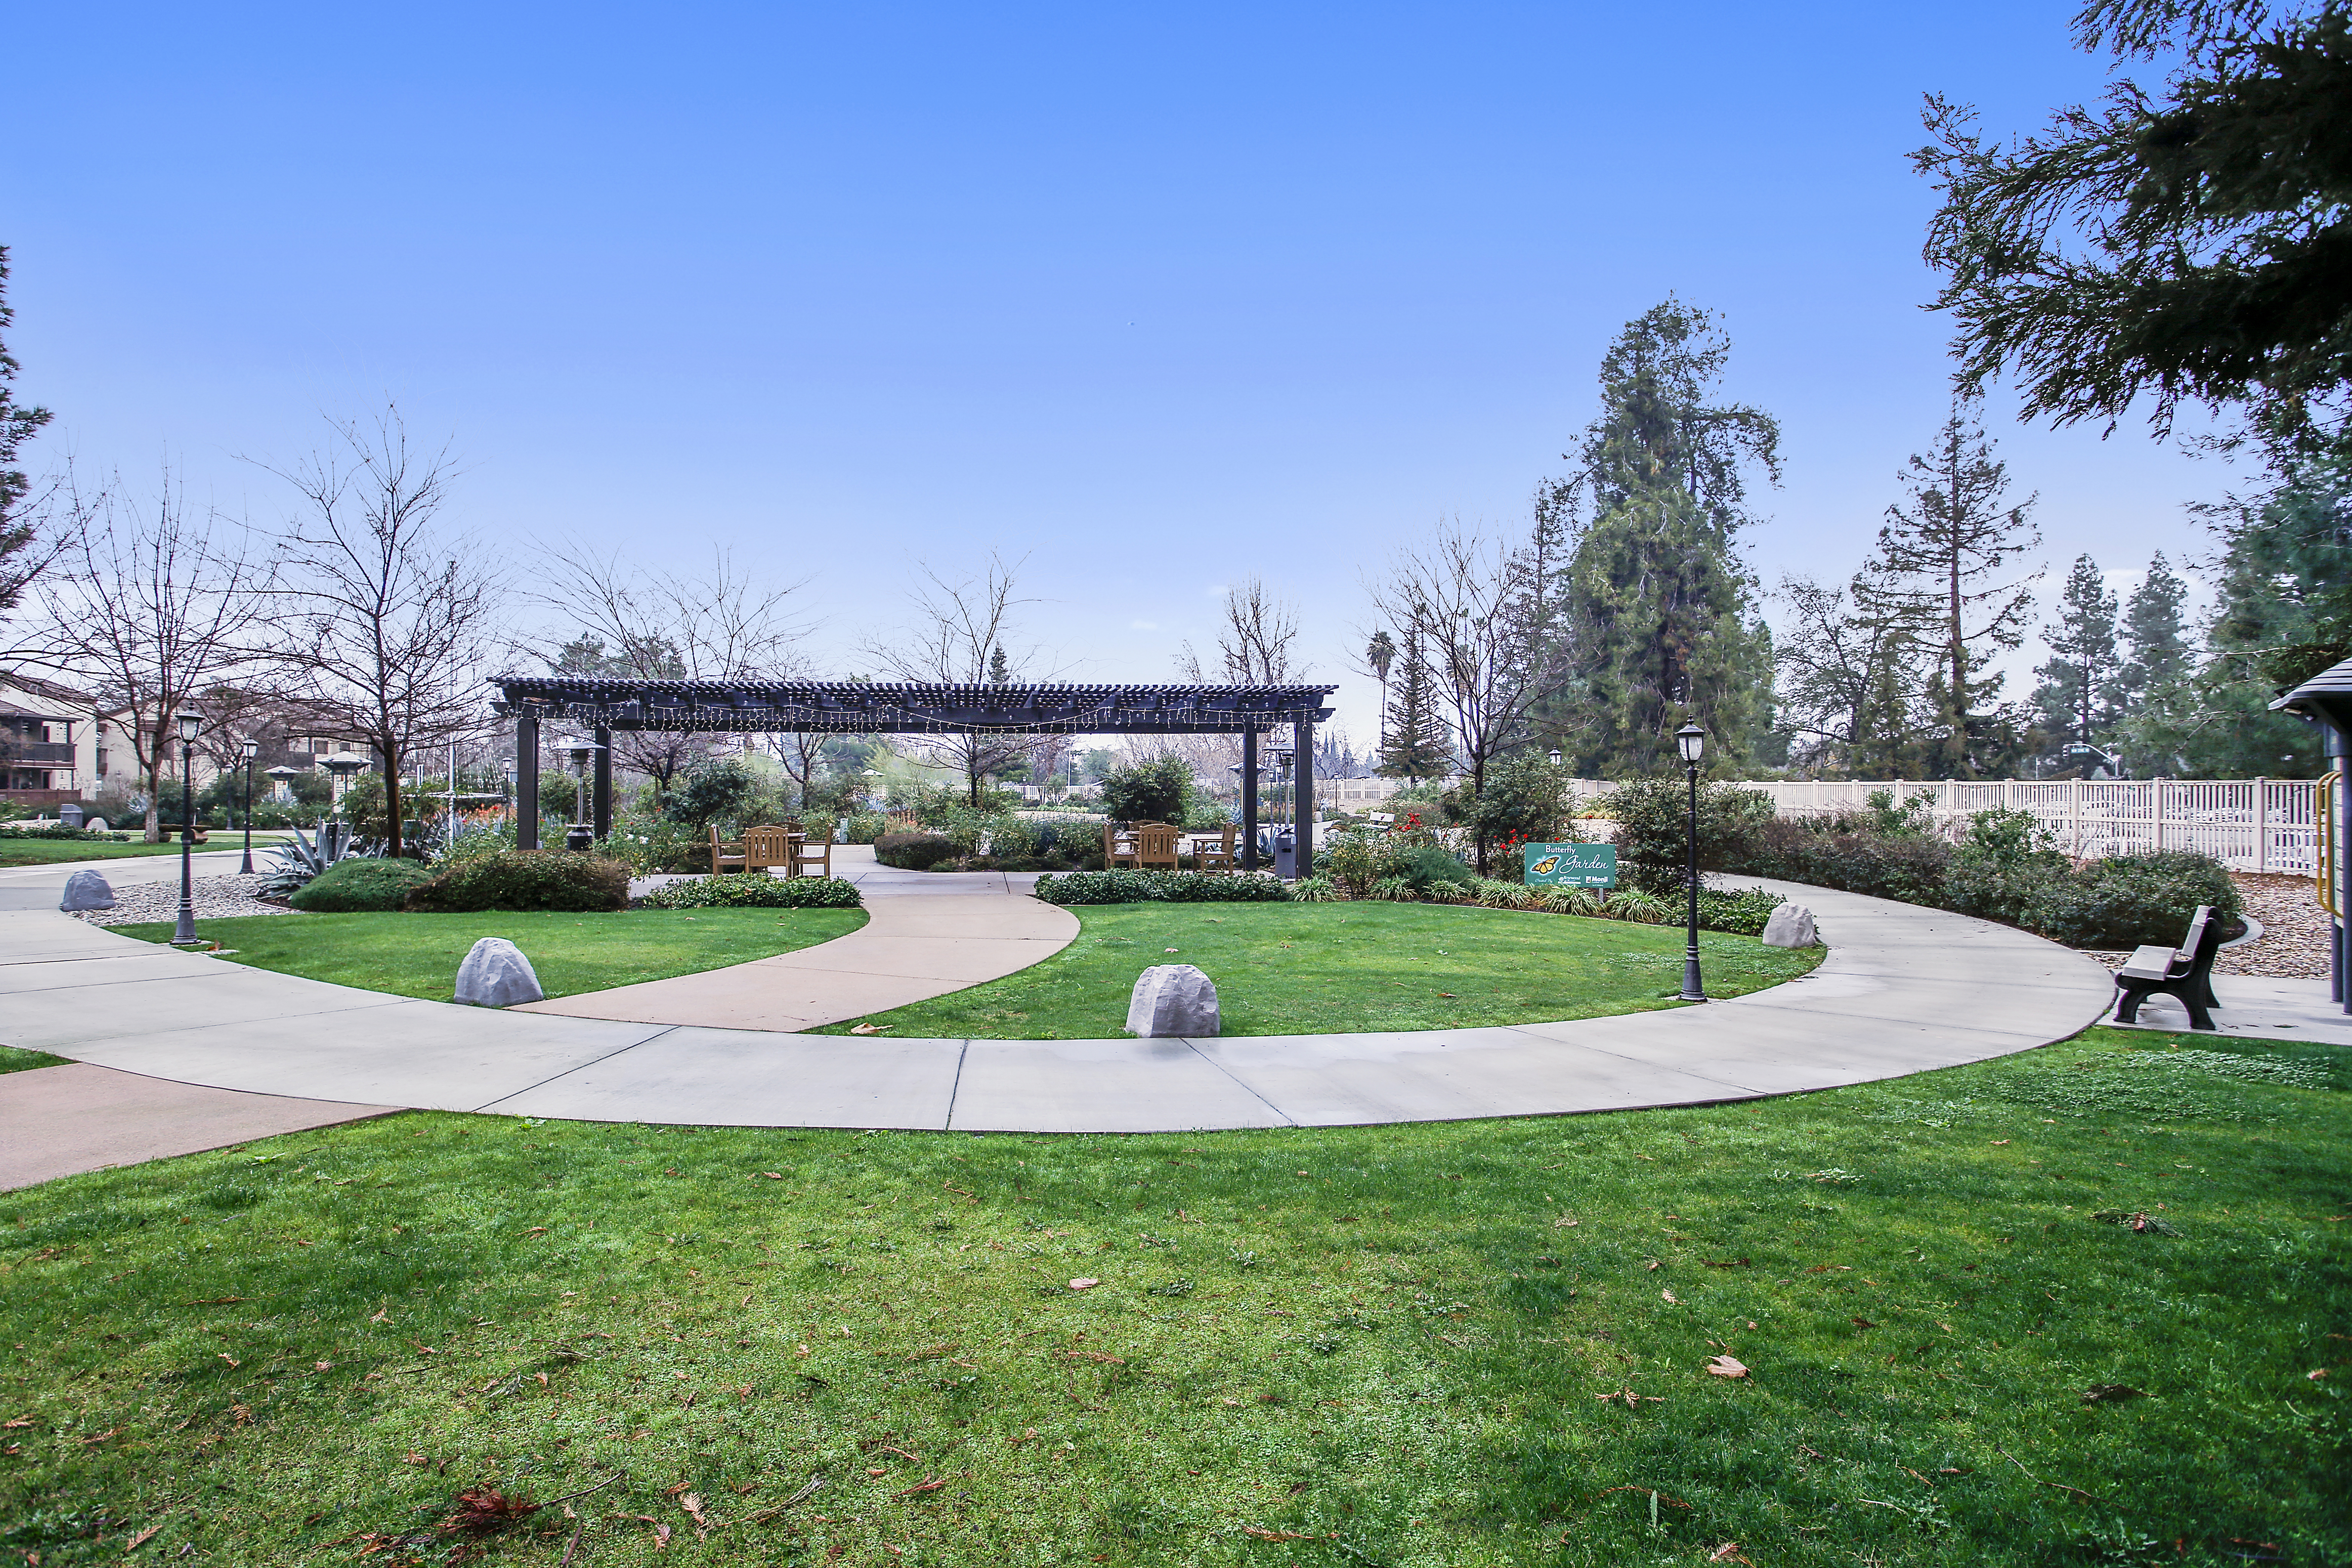 pergola, walking path, butterfly garden